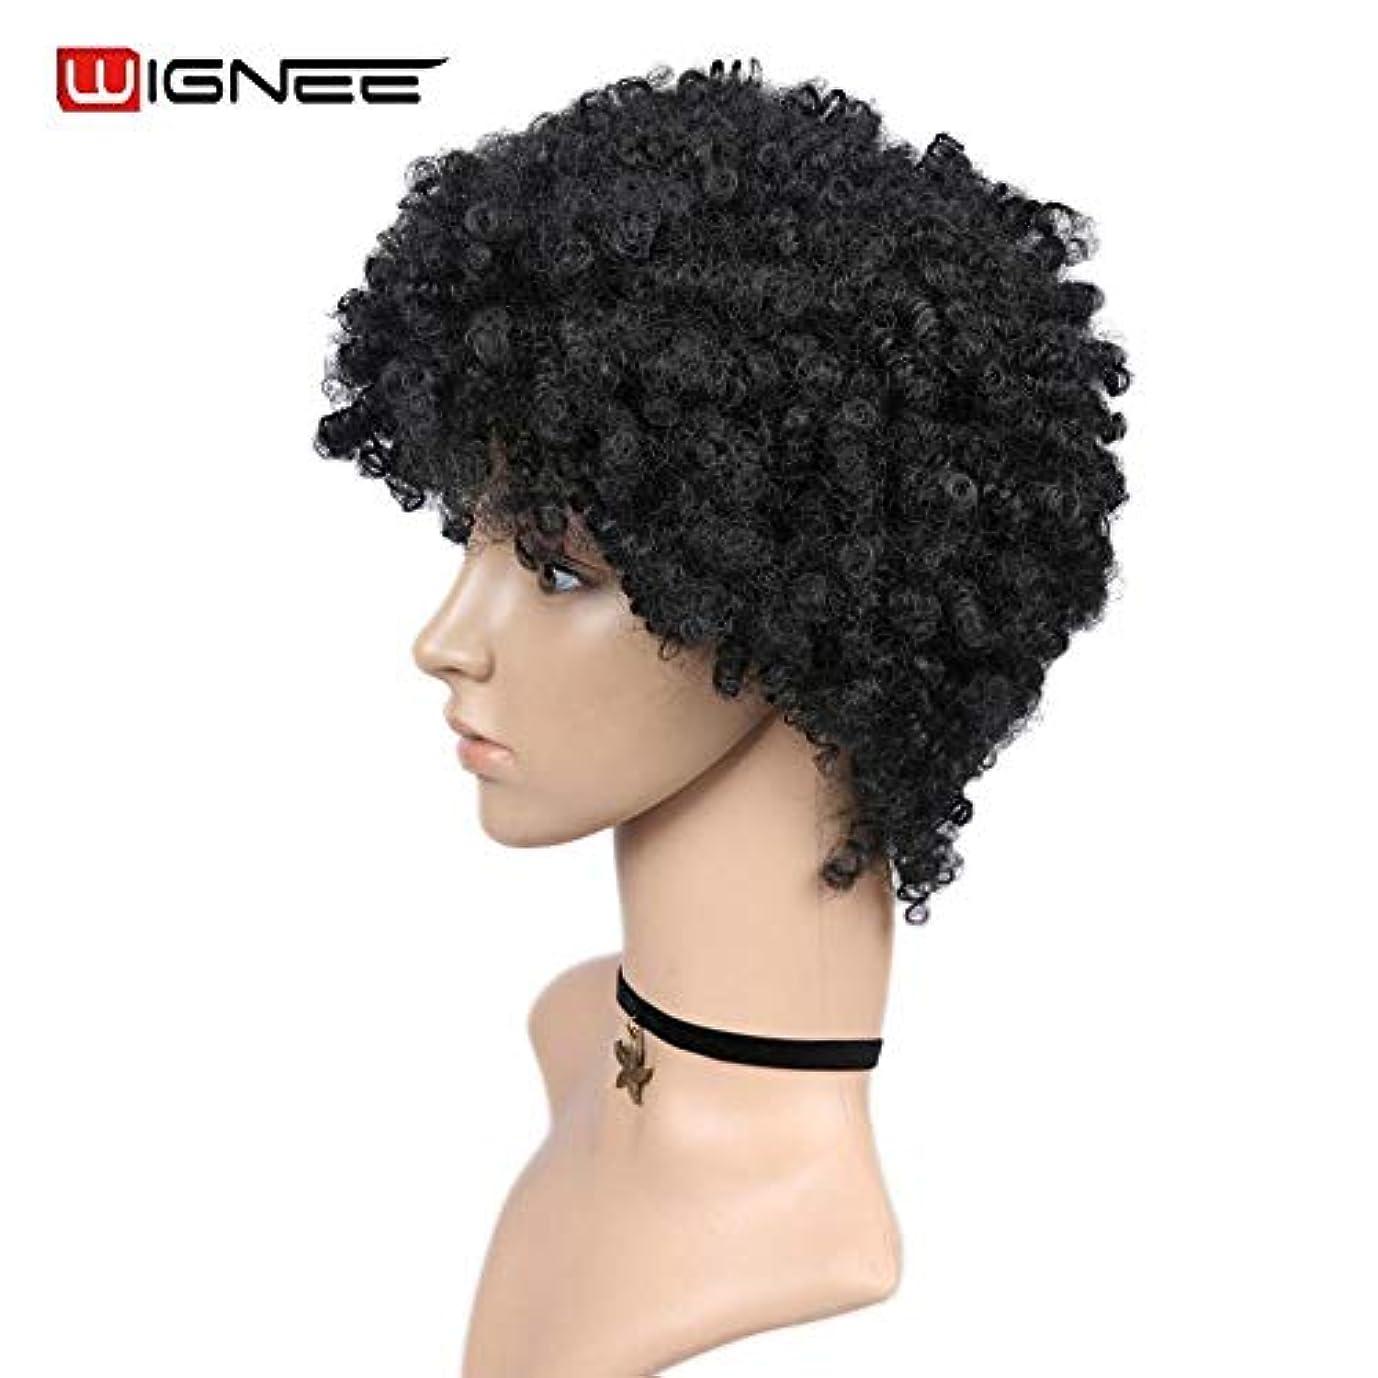 ゲージマエストロ診療所女性の好きなウィッグ ショートヘアアフロ変態カーリーウィッグ高い密度の温度女性ミックスブラウンコスプレアフリカのヘアスタイルのための合成ウィッグ (Color : WigneeGAD16007S, Stretched Length : 6inches)